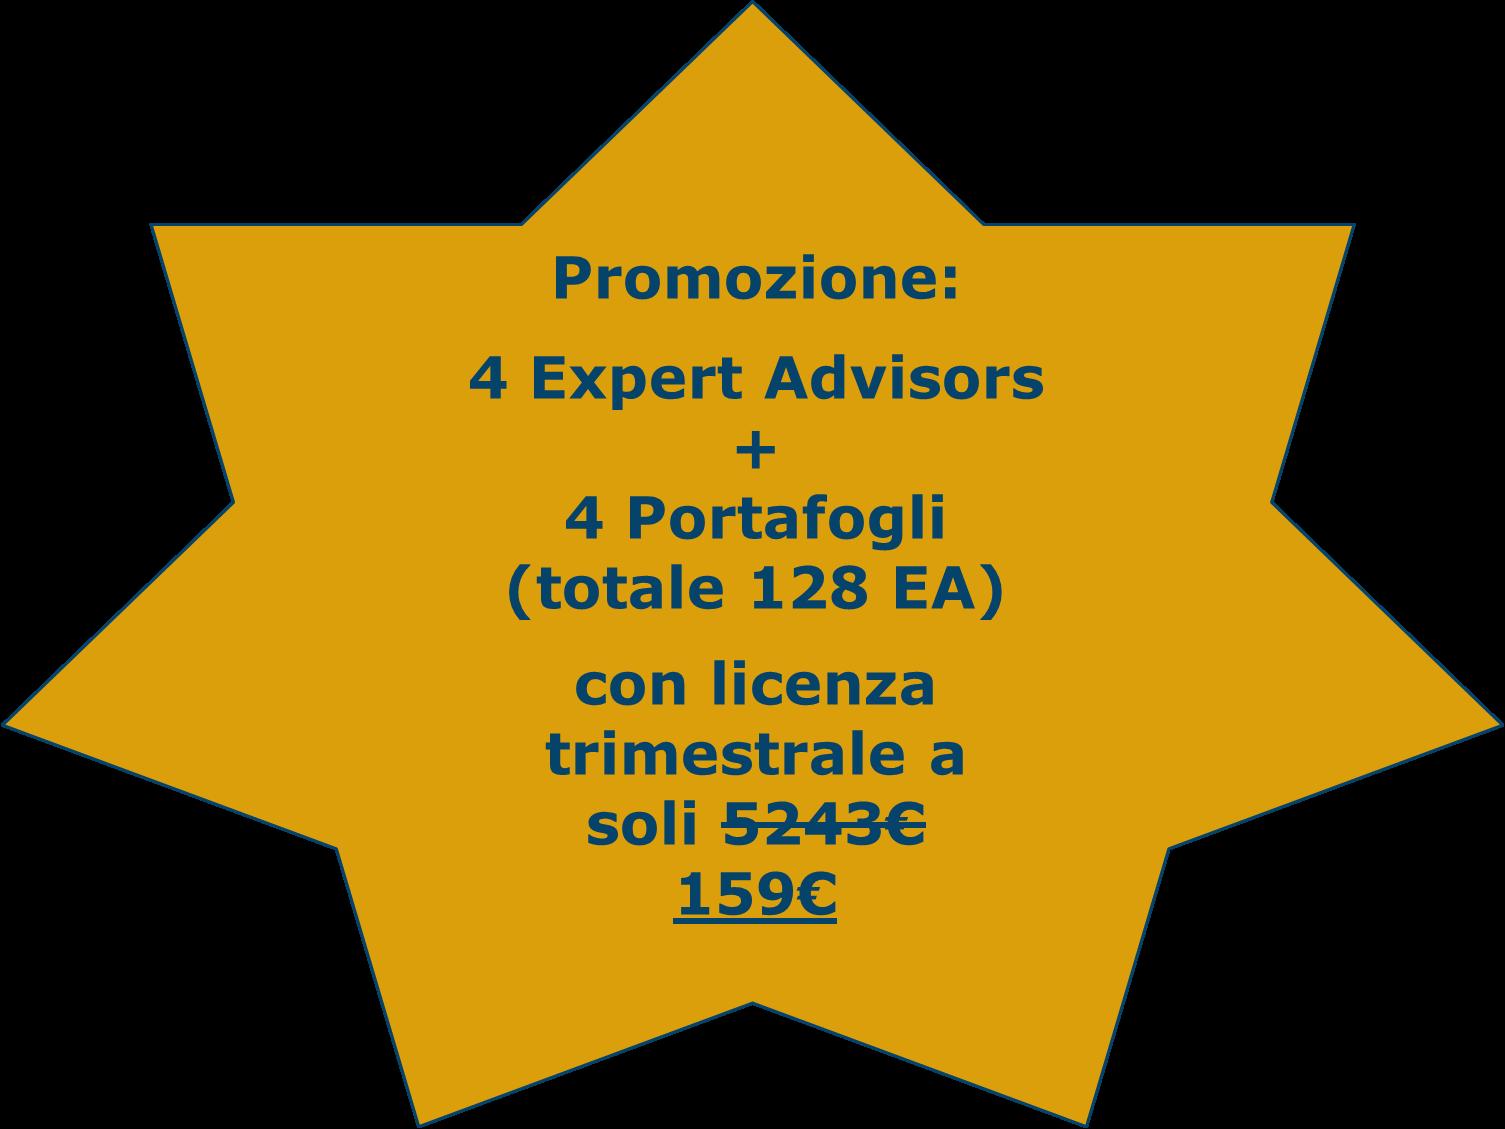 Promozione Expert Advisors e portafogli